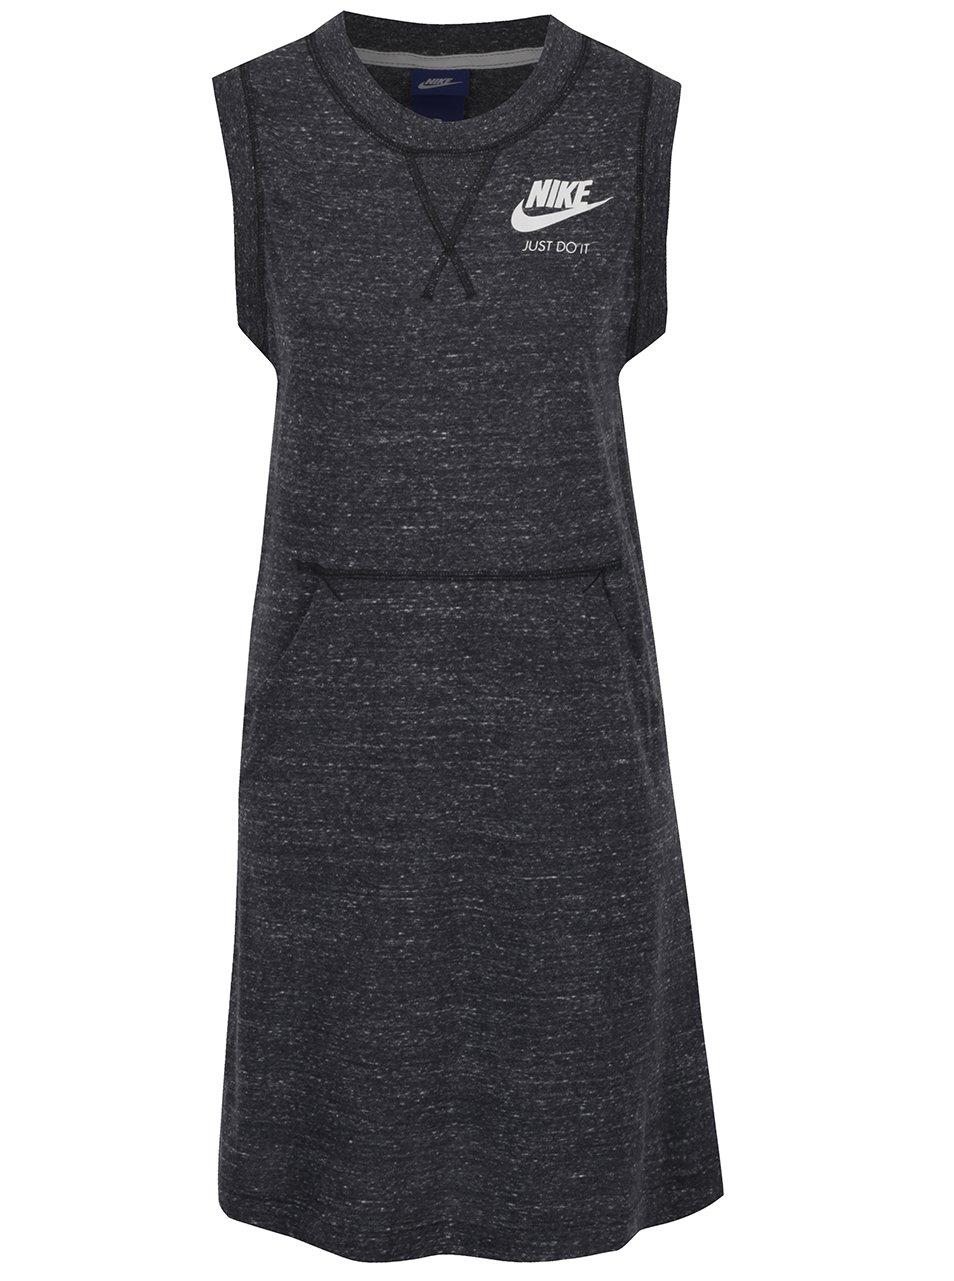 Černé dámské žíhané sportovní šaty bez rukávů Nike